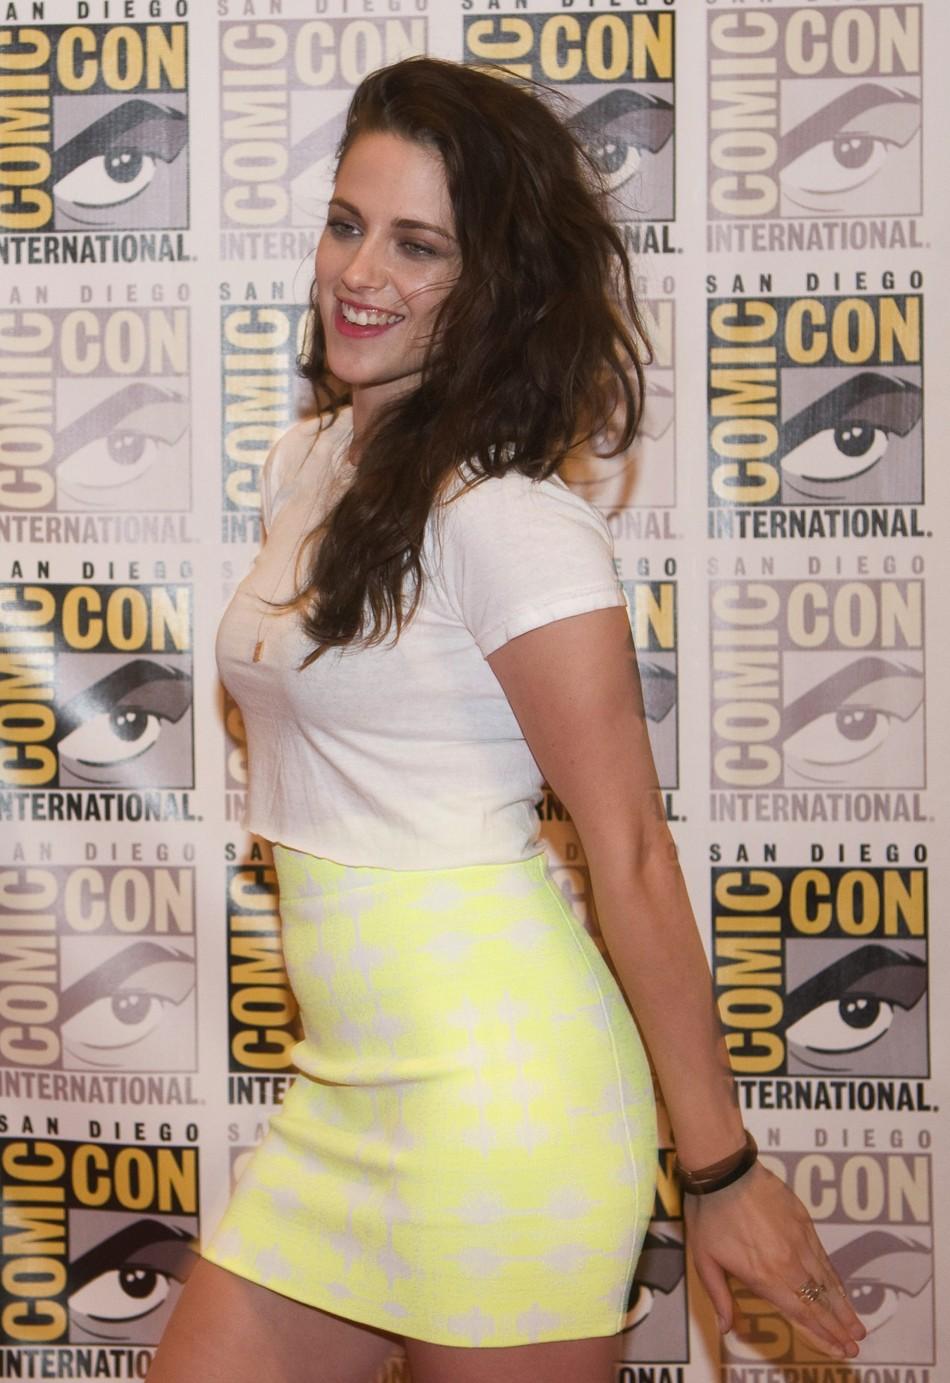 Miranda lambert pic nude